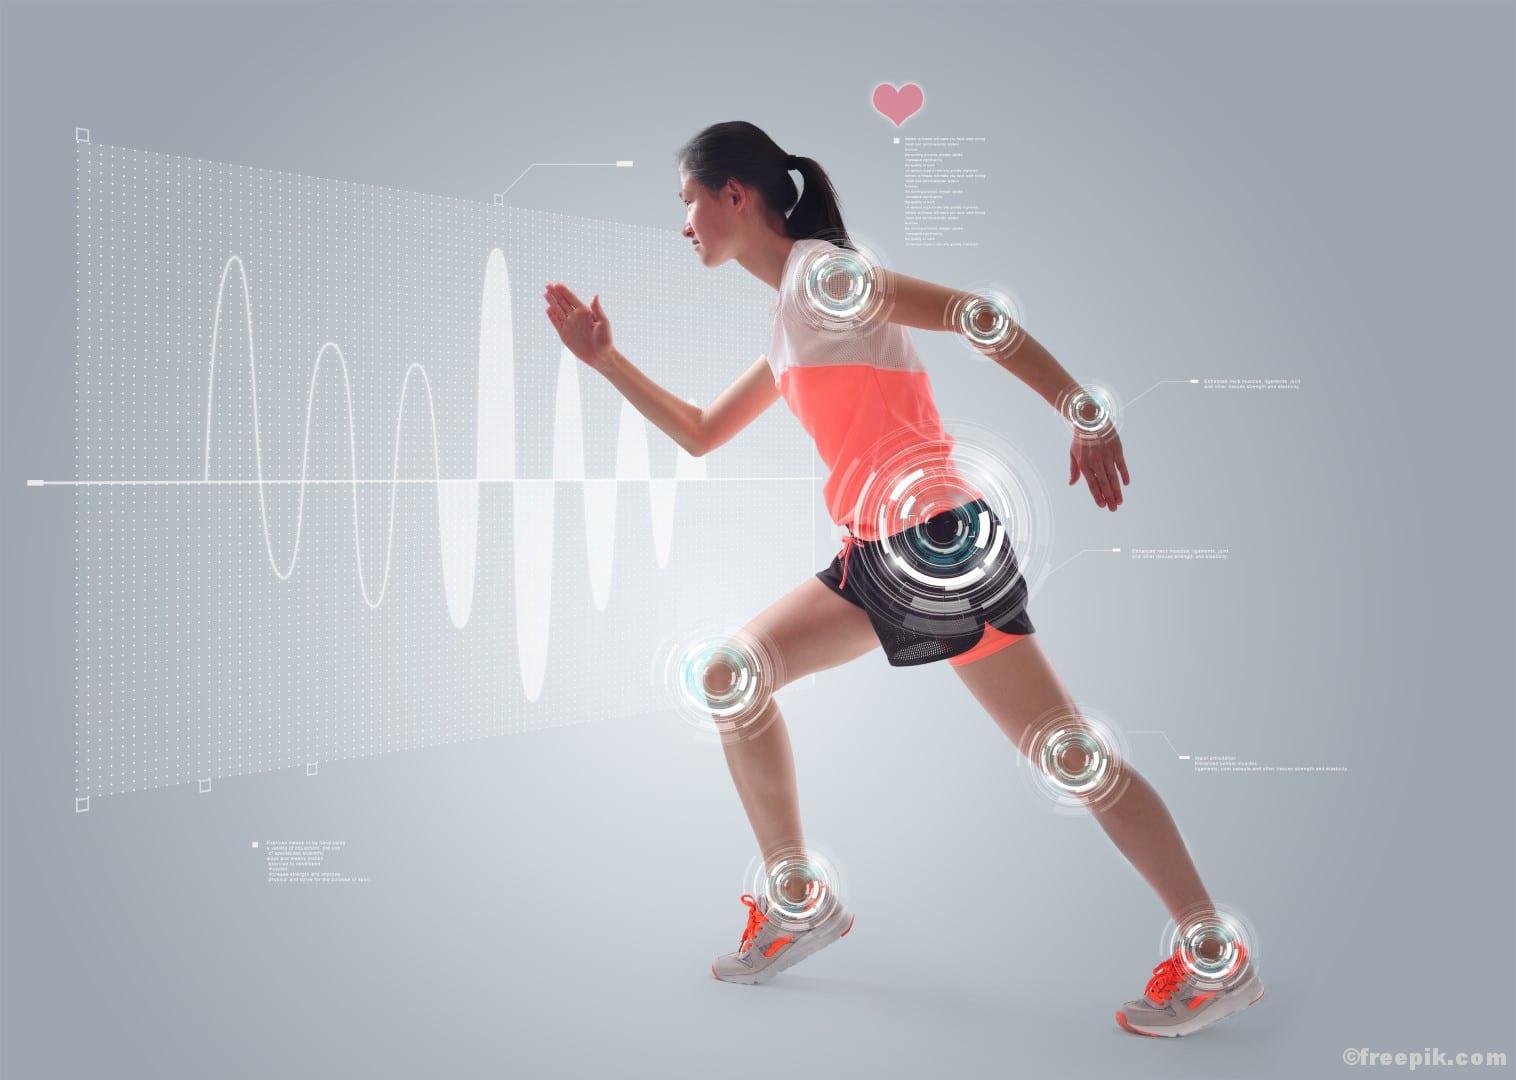 Wusstest du schon, dass...? - Fitness e!Motion ©freepik.com